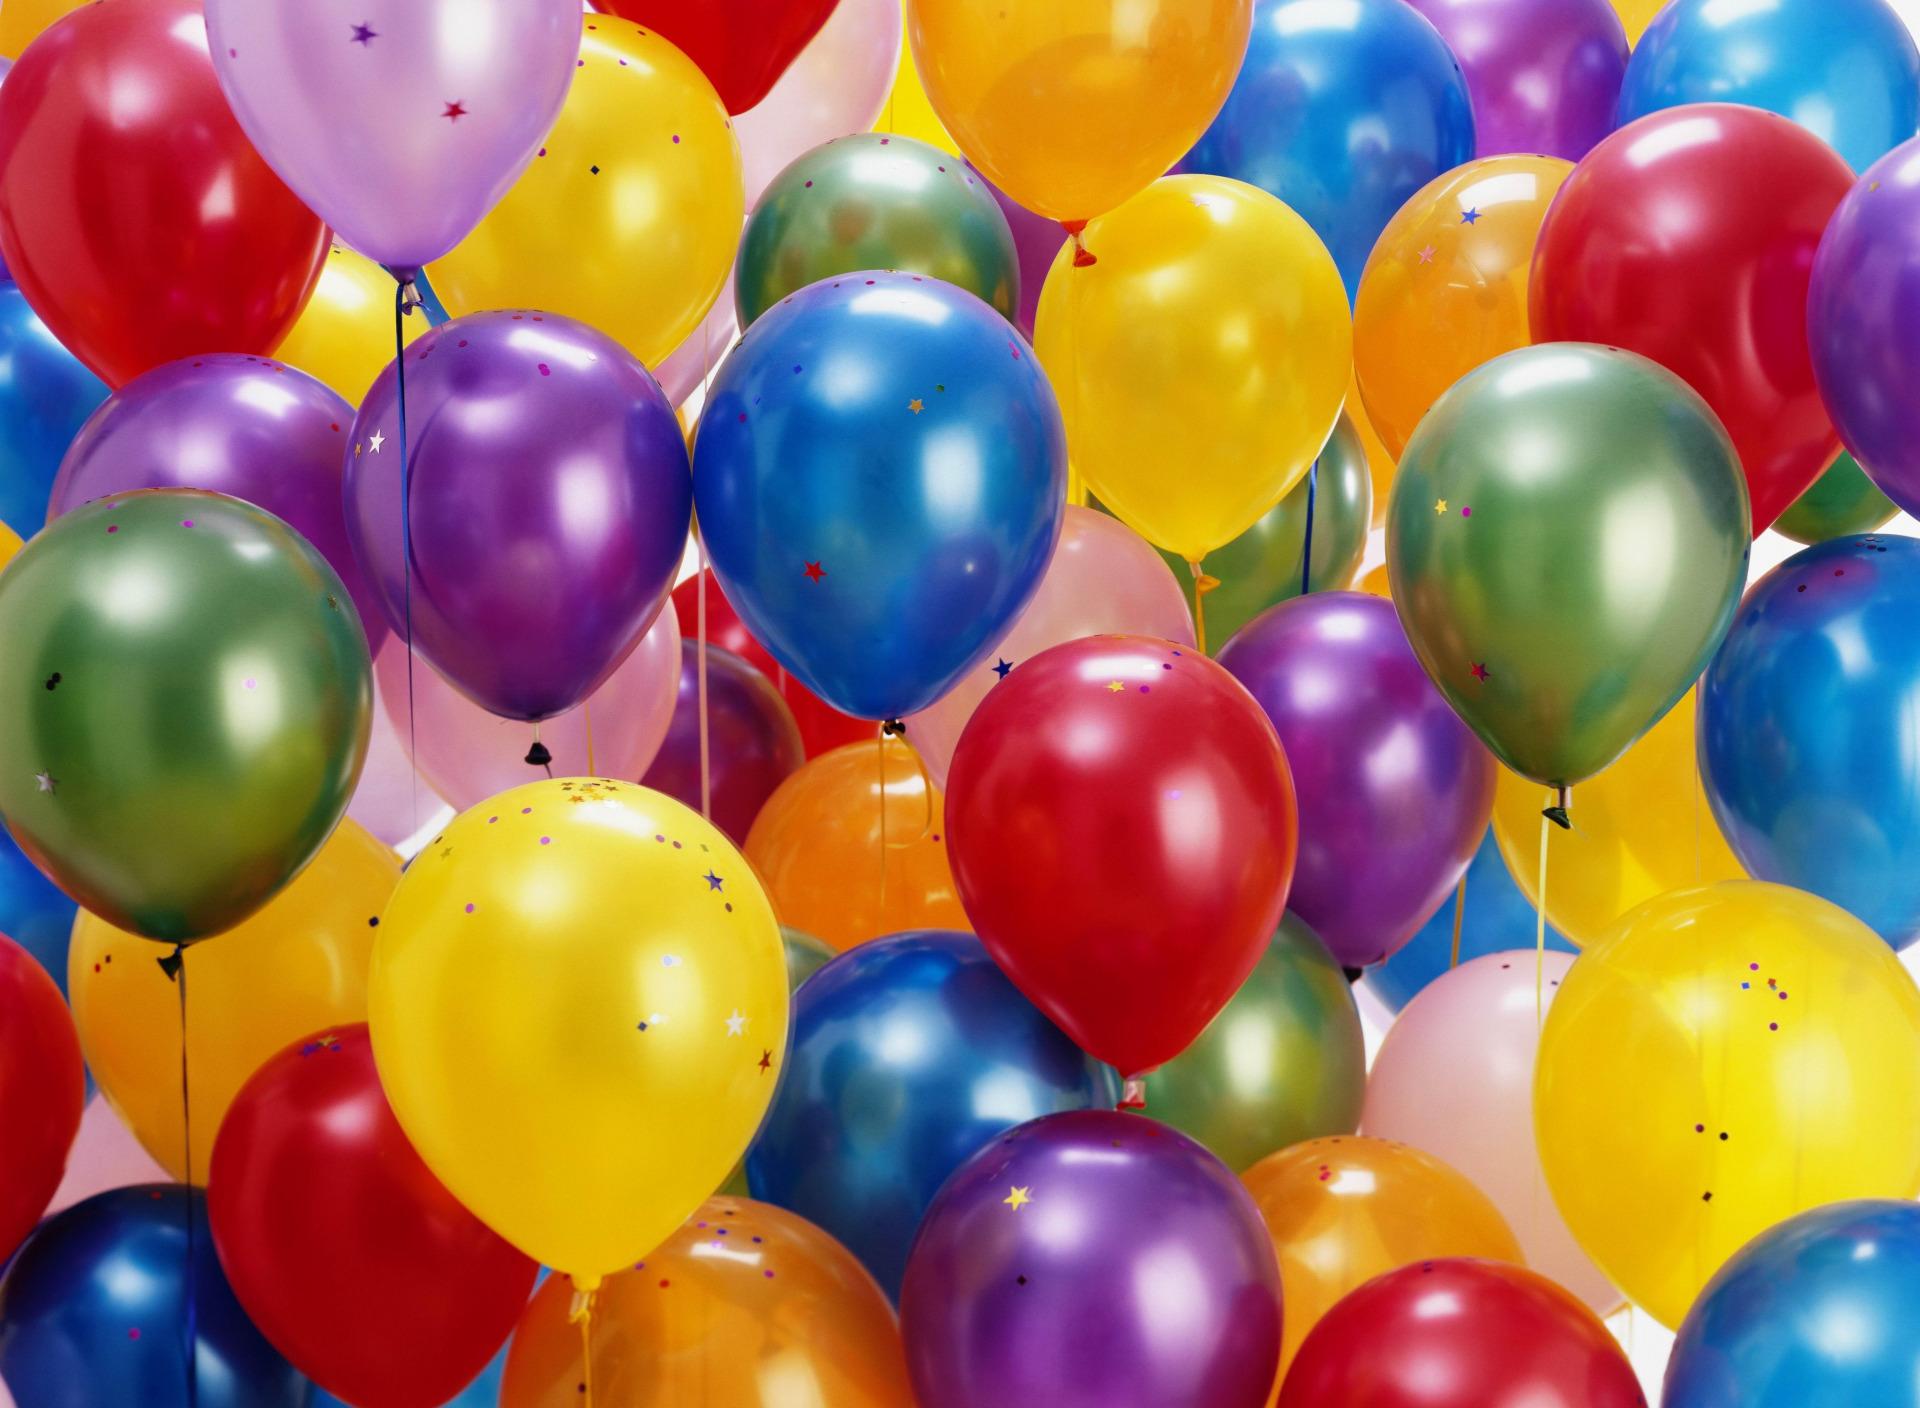 Поздравительные открытки с воздушными шарами, рыжик